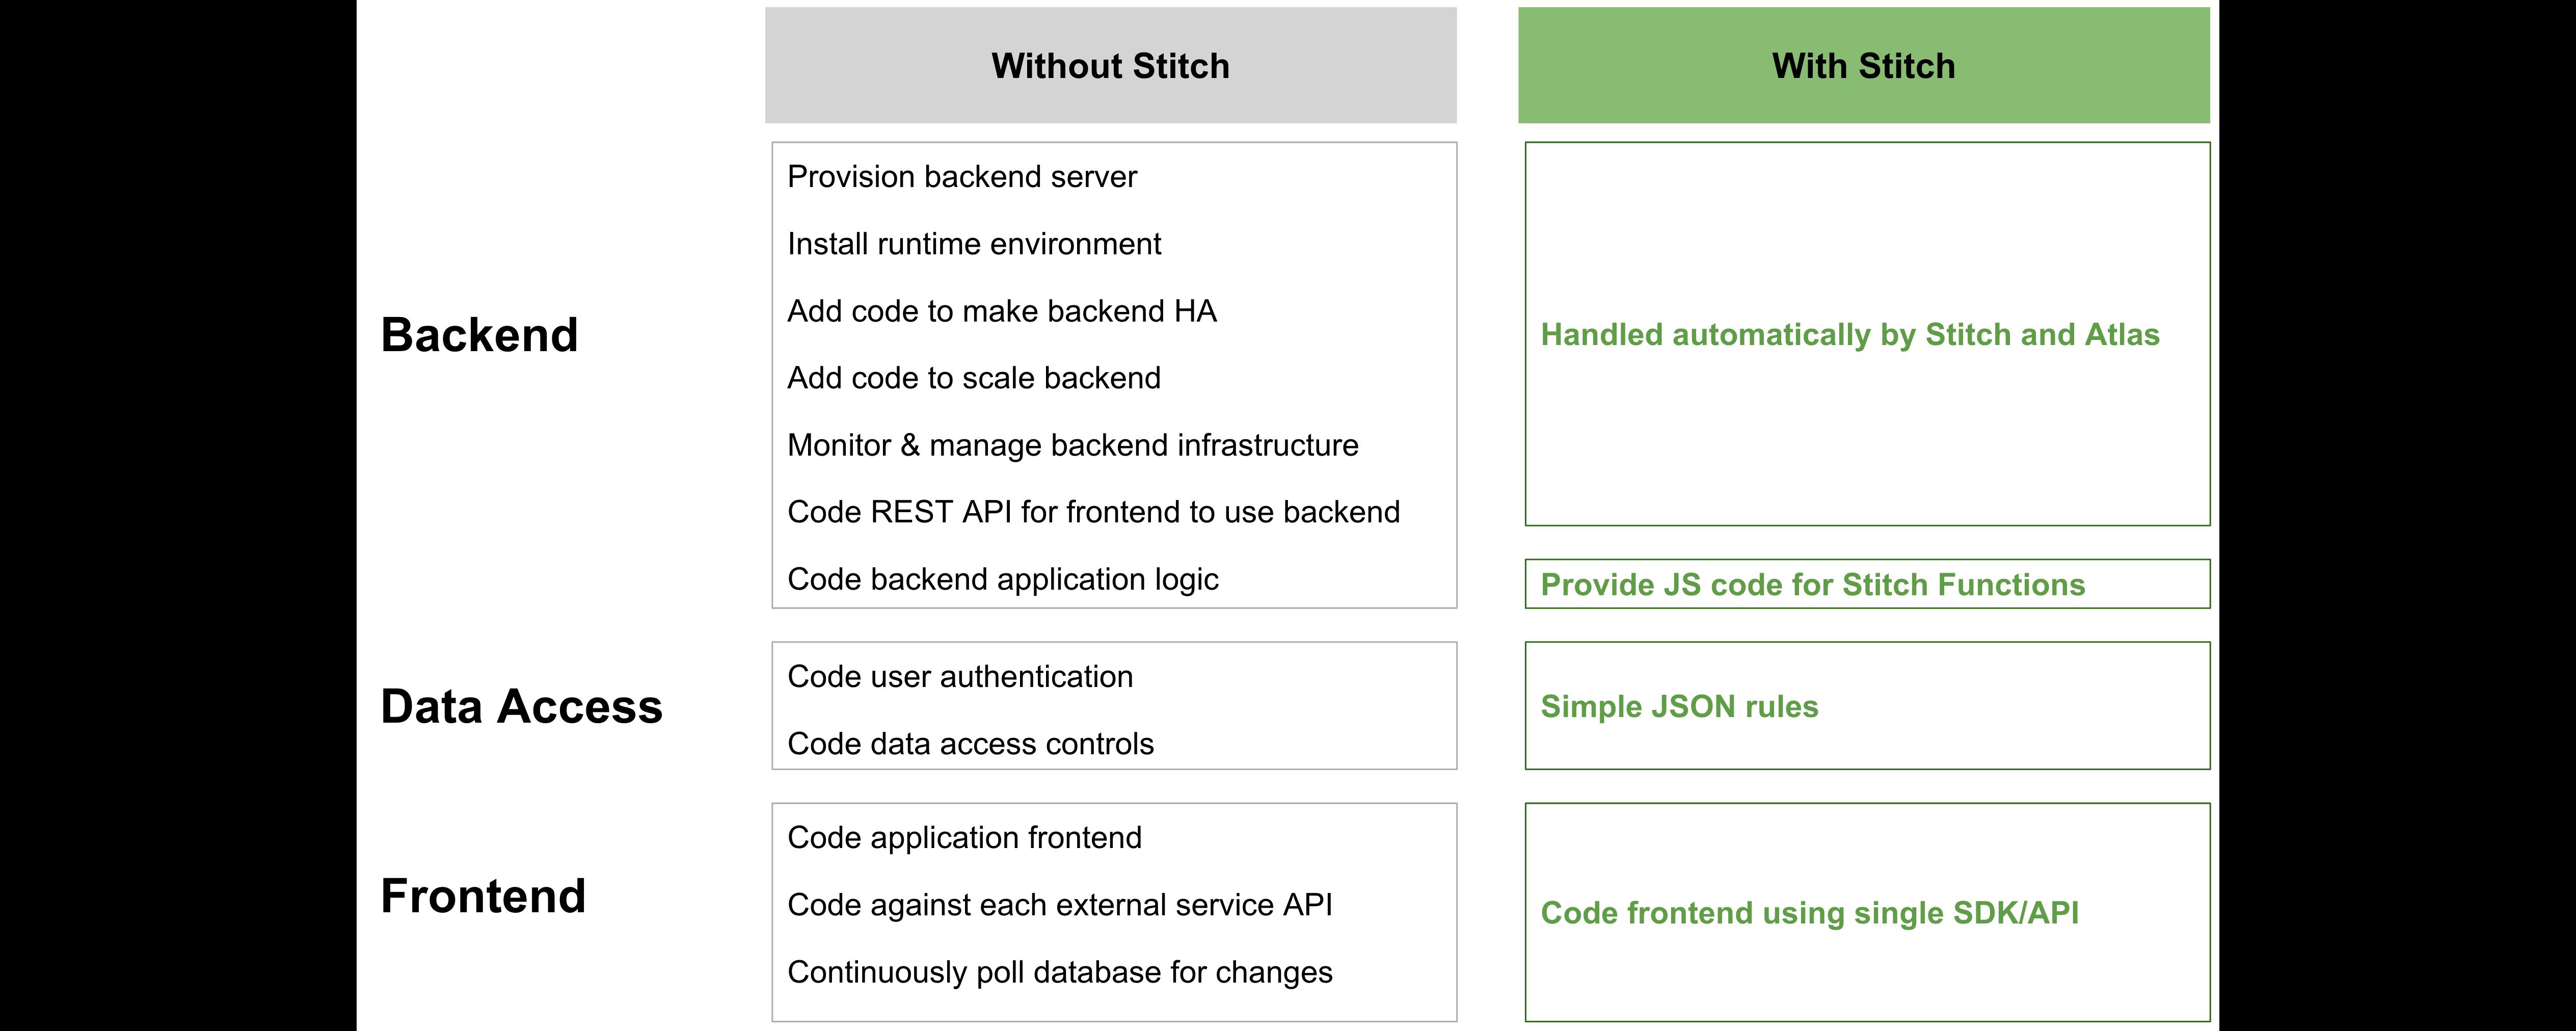 MongoDB Stitch Datasheet | MongoDB